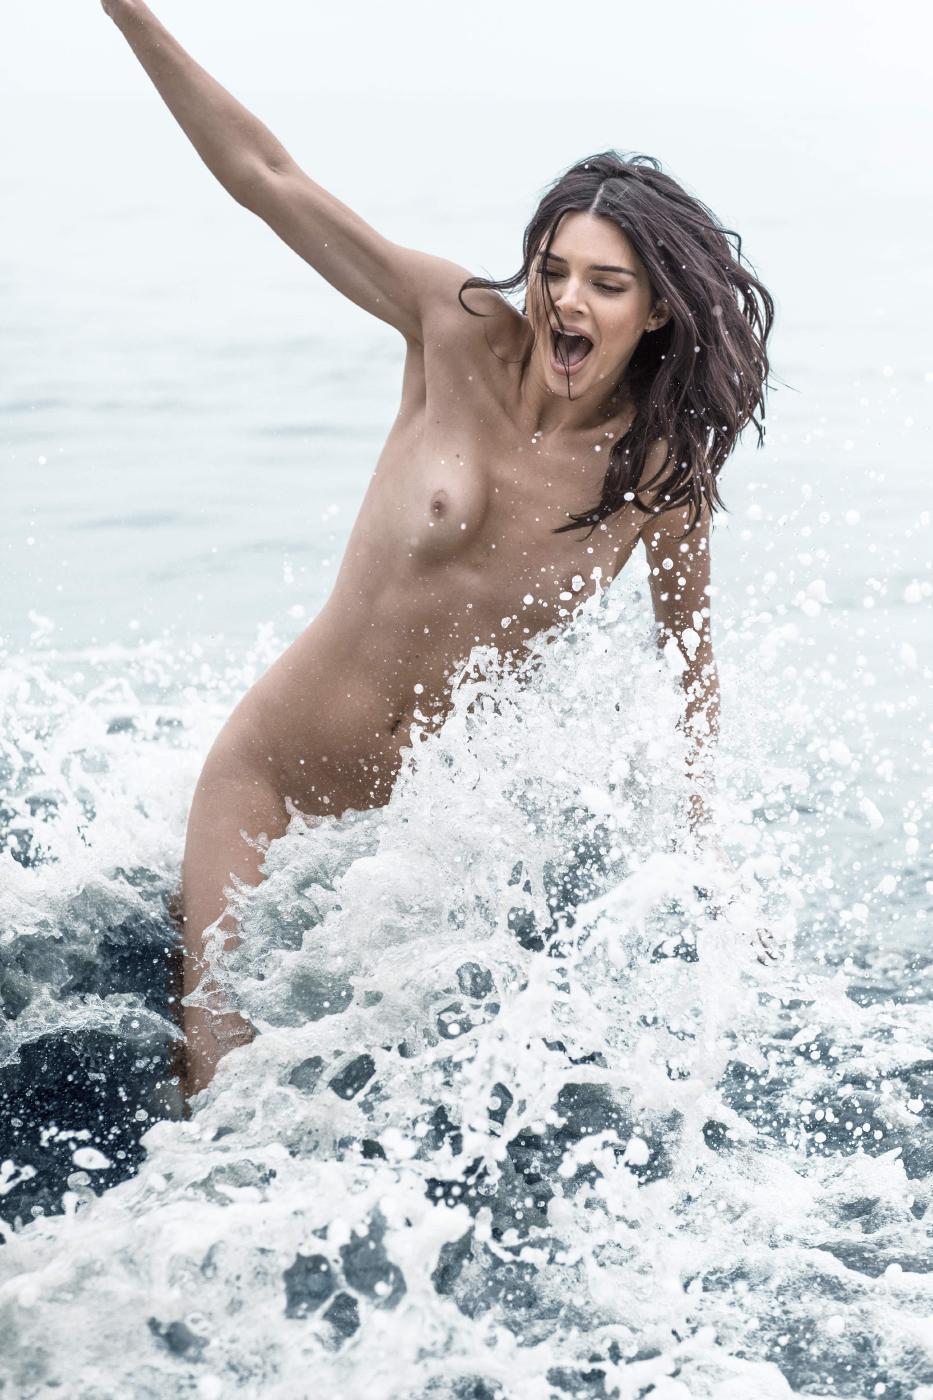 Kendall Jenner Nude Magazine Photoshoot Leaked Fucwwv